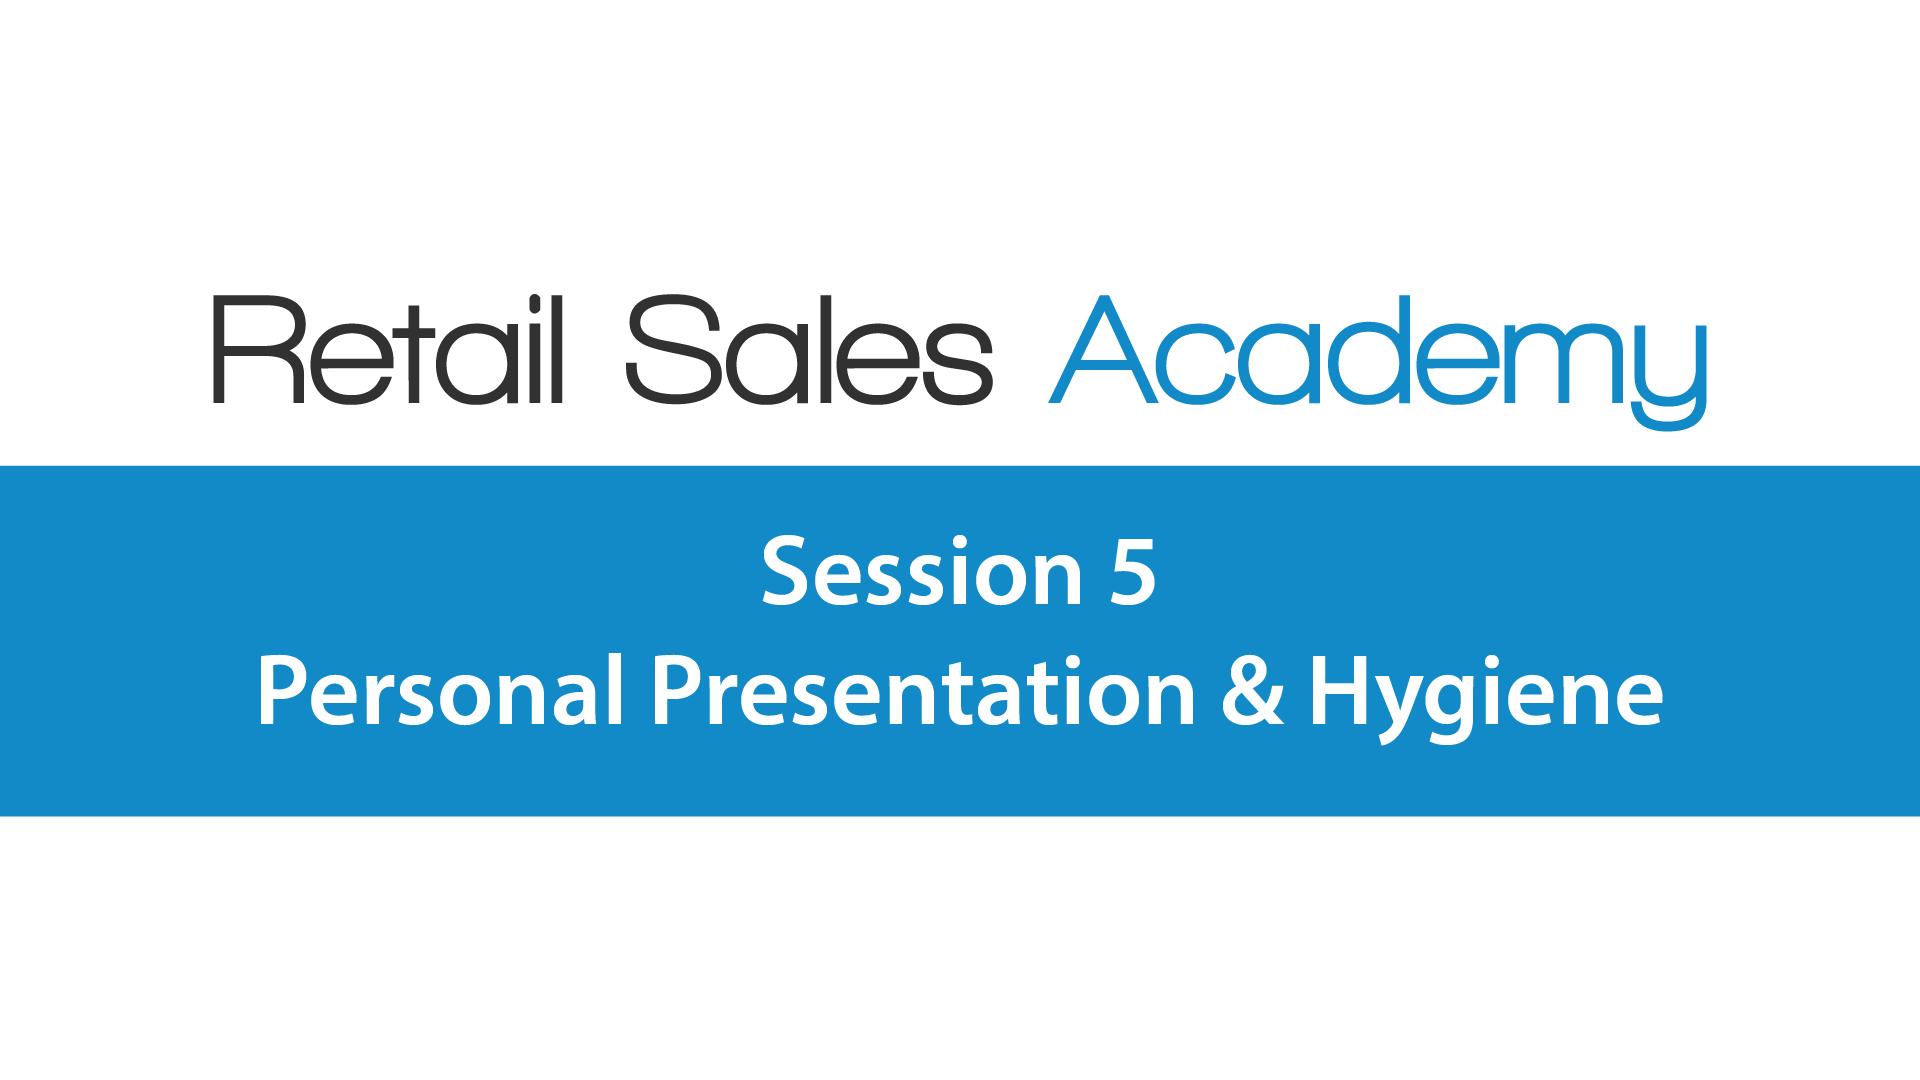 Personal Presentation & Hygiene